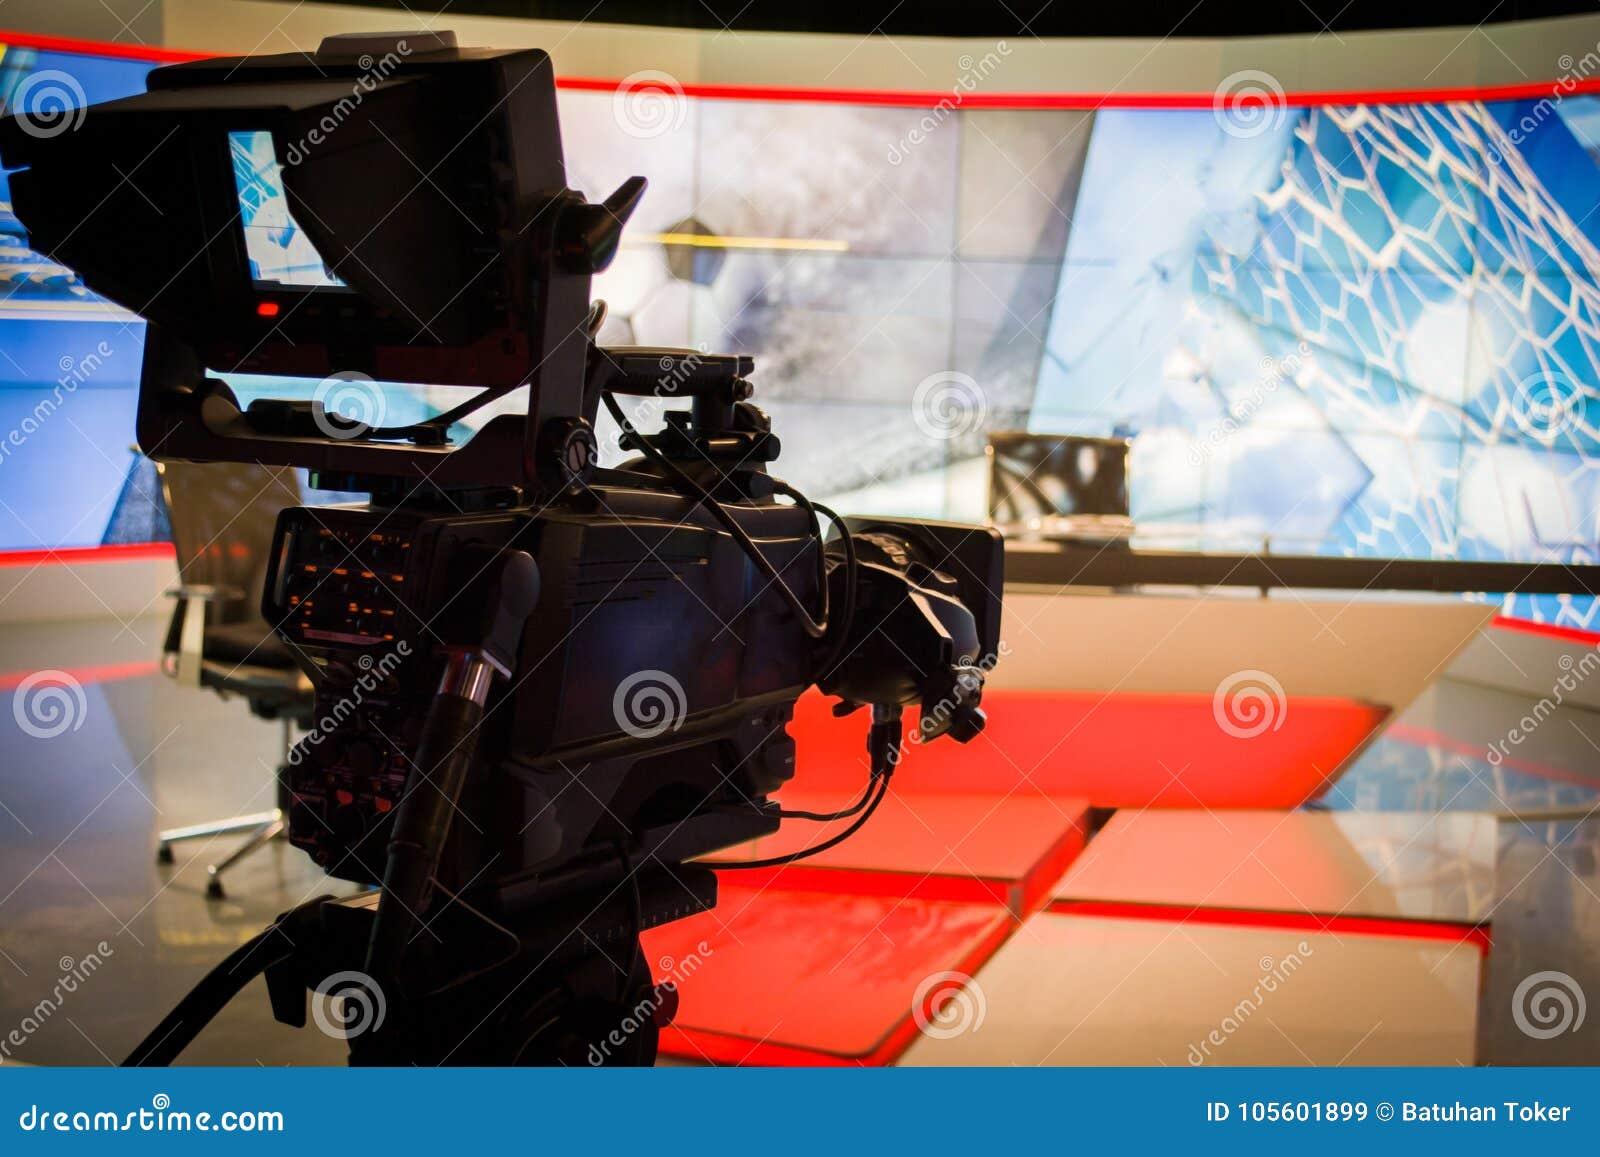 Выставка записи объектива видеокамеры в фокусе студии ТВ на камере ap